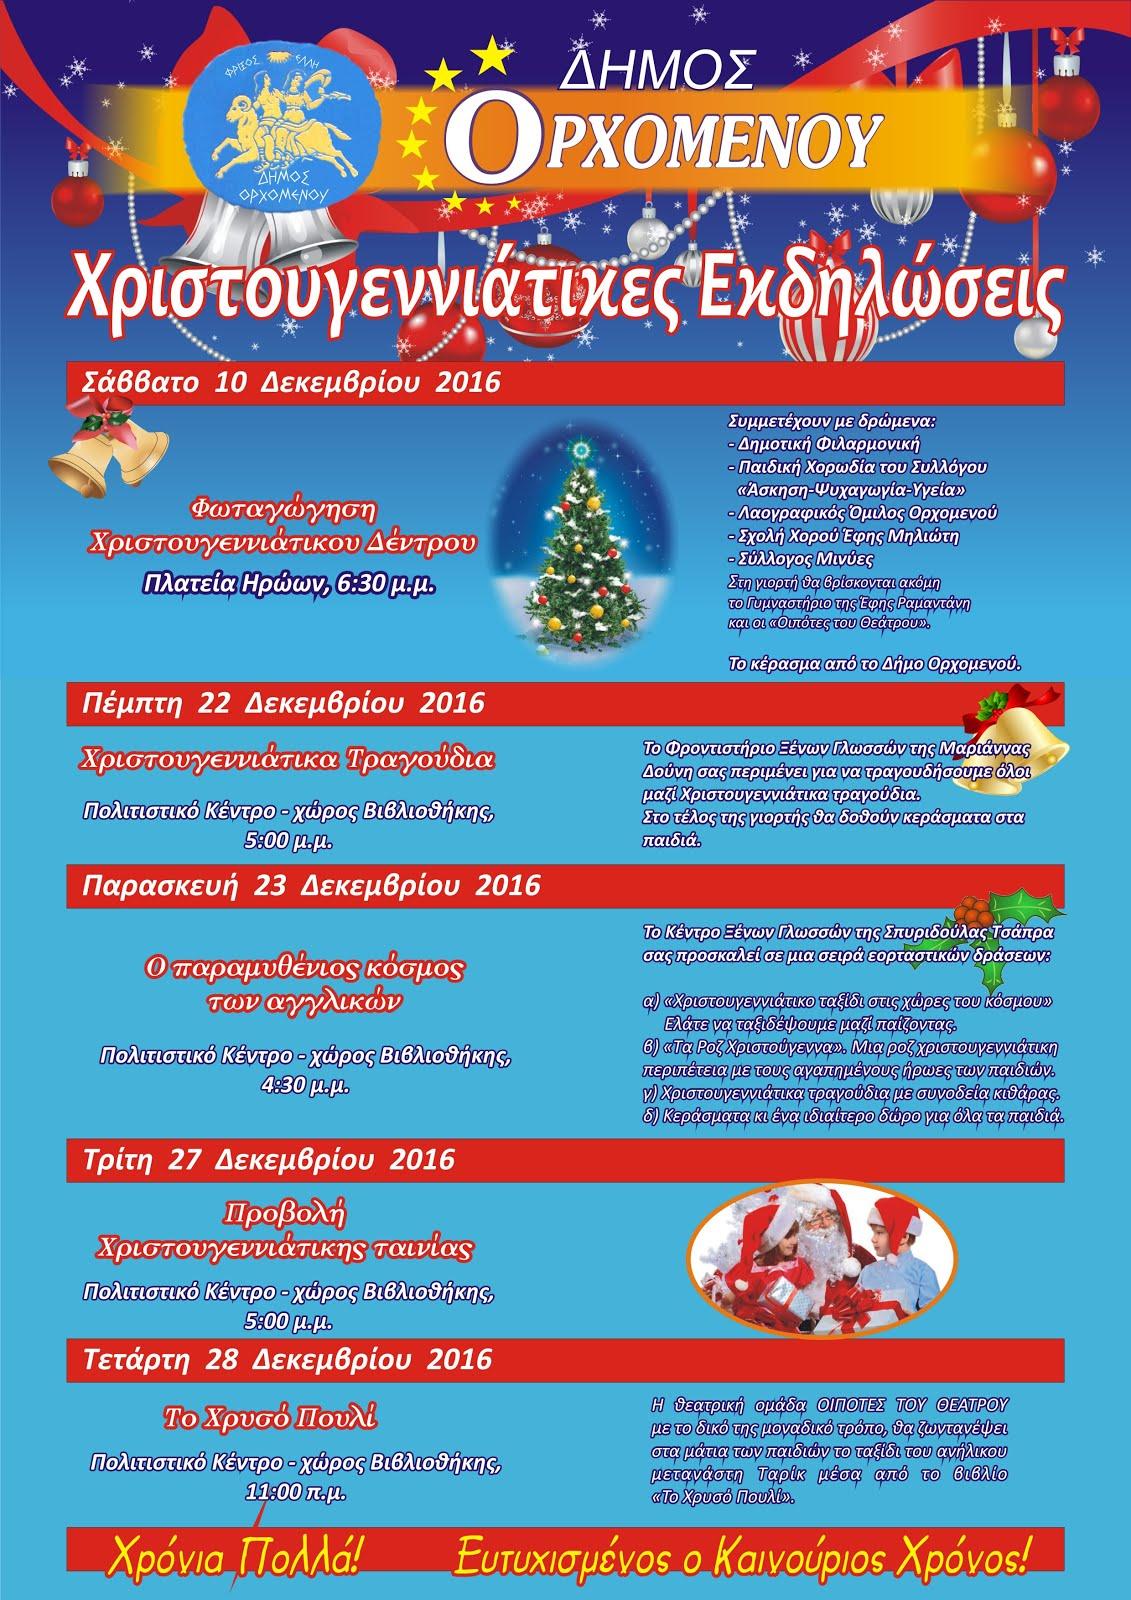 Το πρόγραμμα των Χριστουγεννιάτικων εκδηλώσεων στο Δημοτική Ενότητα Ορχομενού